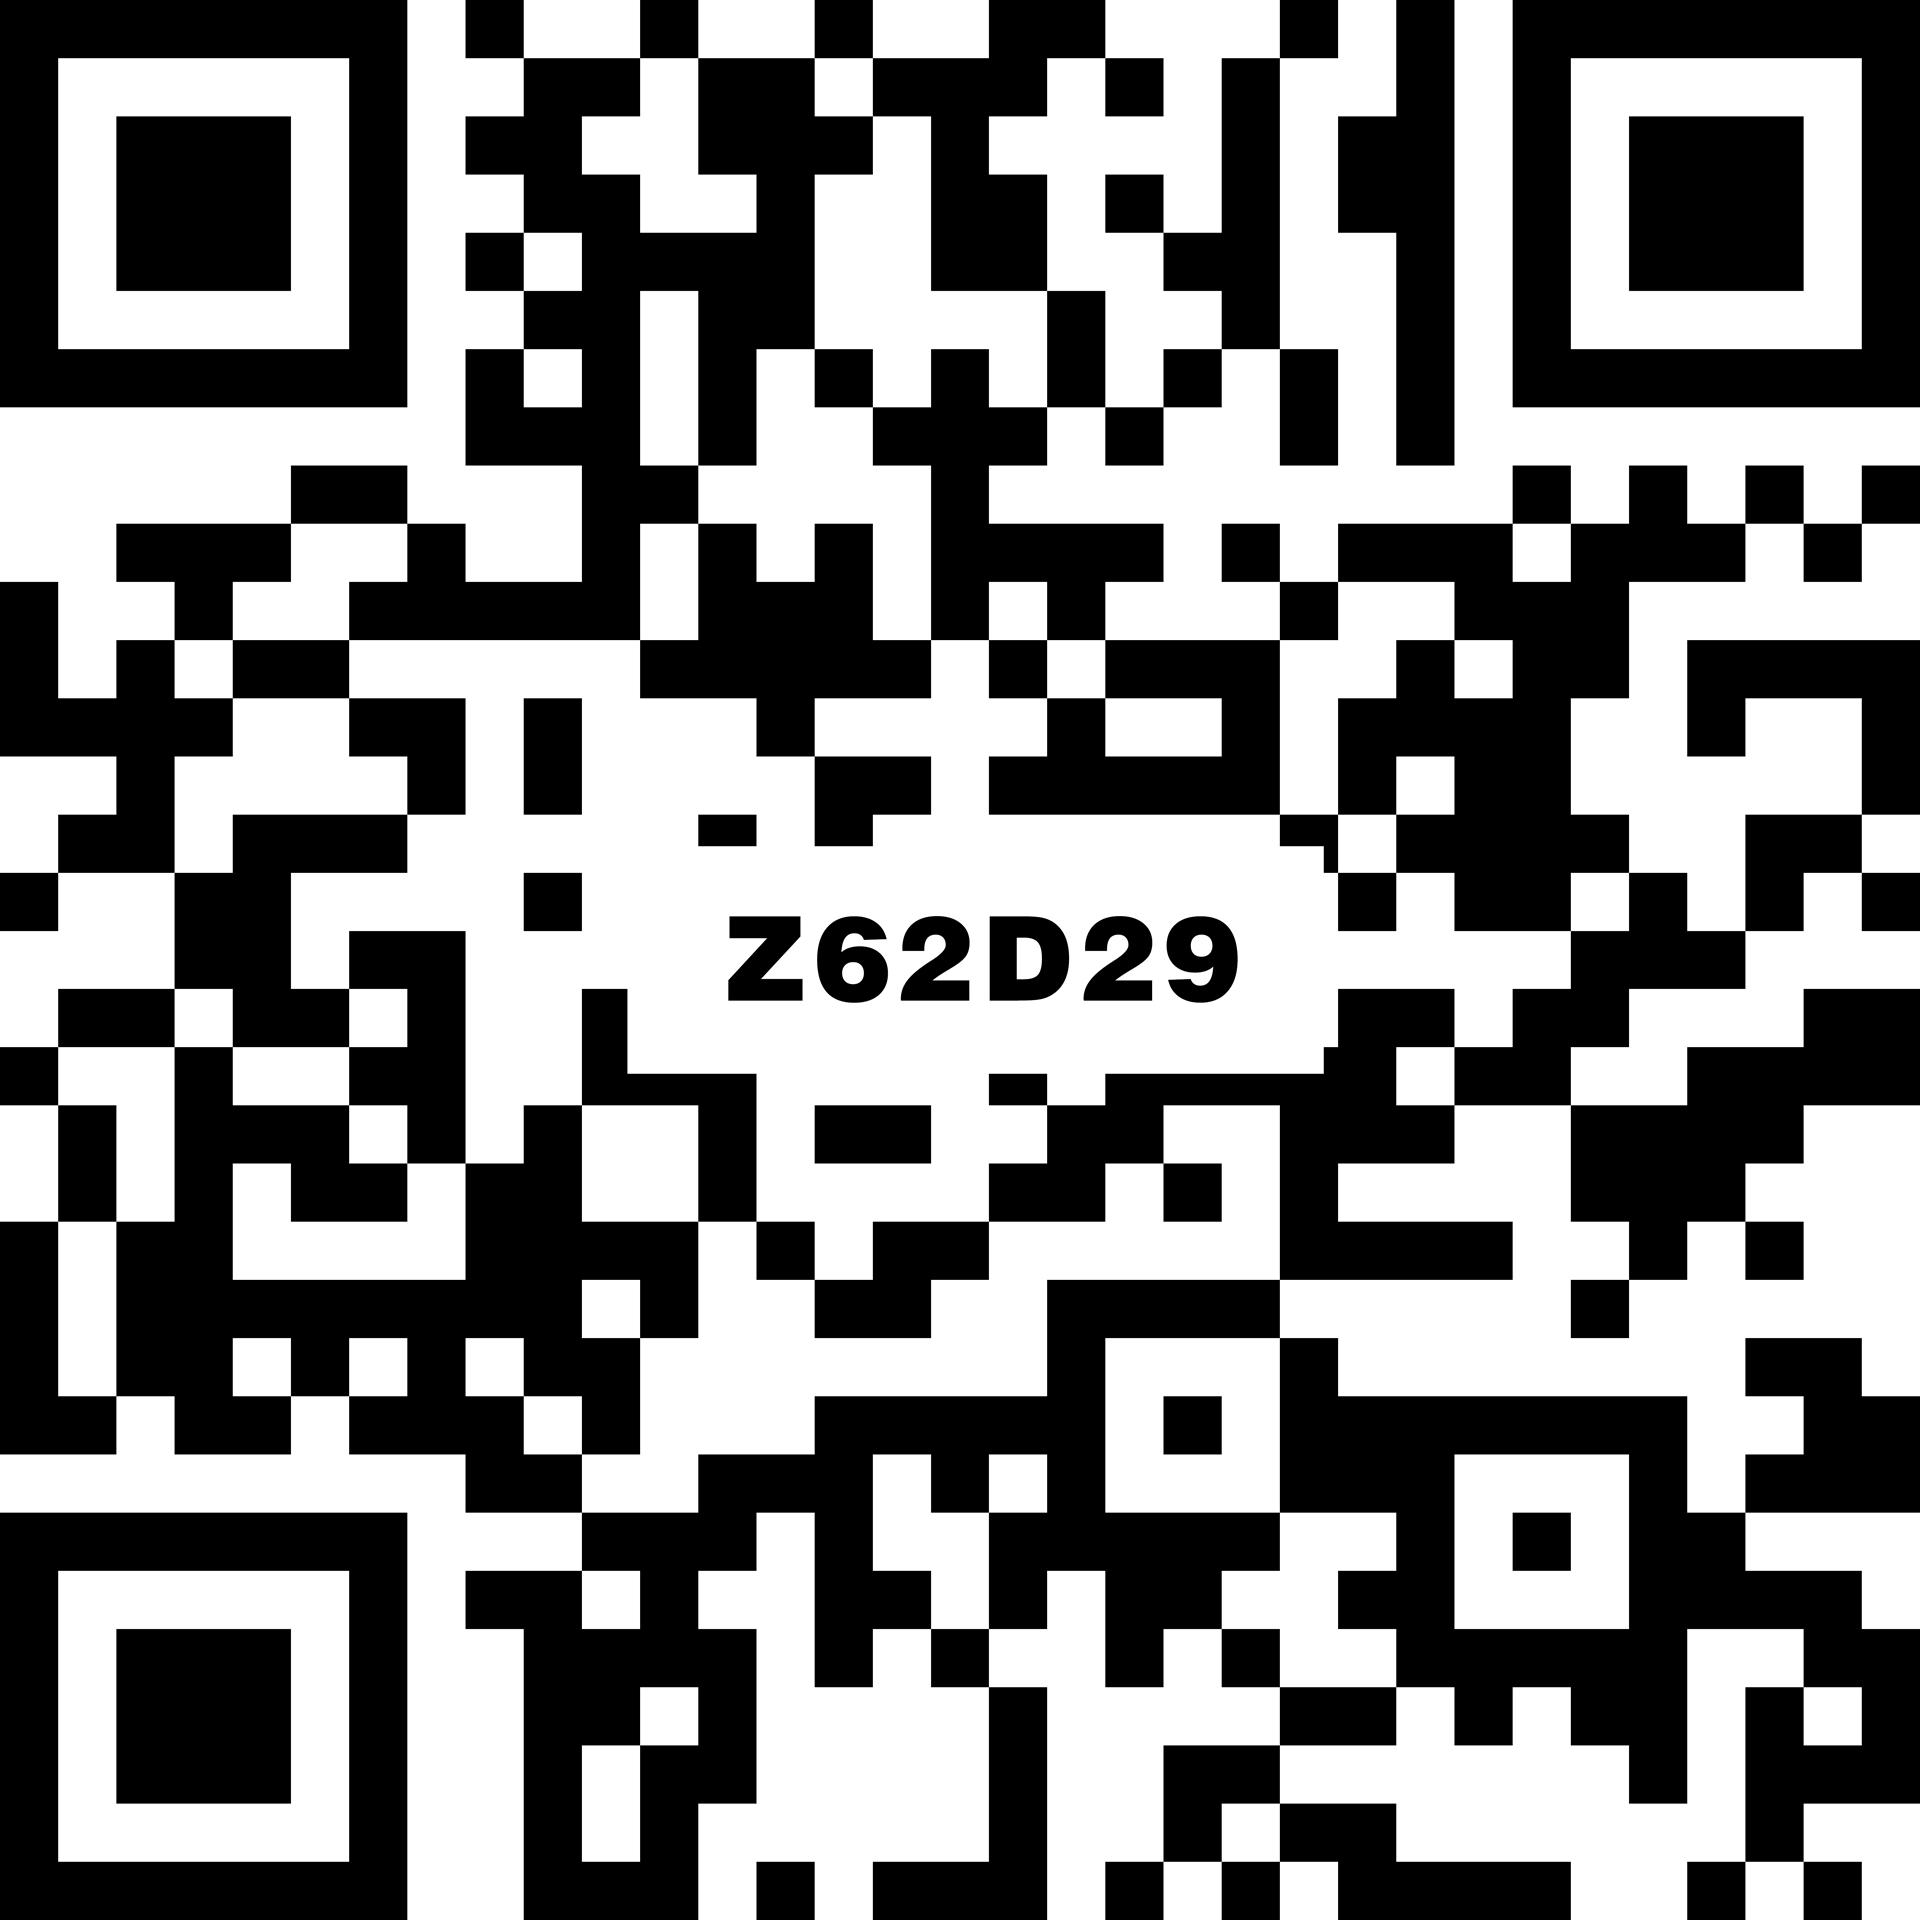 特斯拉深灰 Z62D29